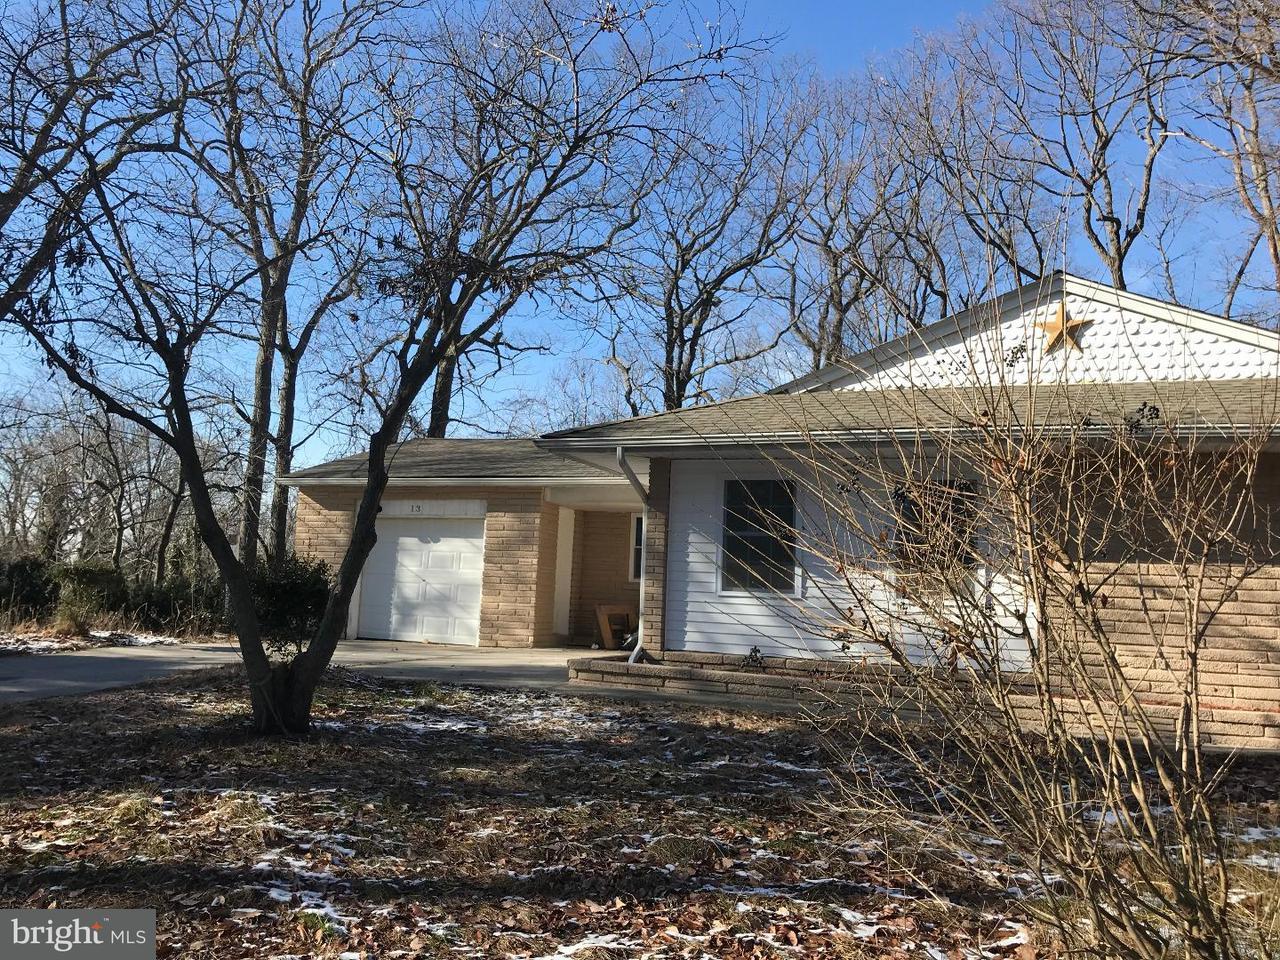 独户住宅 为 出租 在 13 TROUT Avenue Clementon, 新泽西州 08021 美国